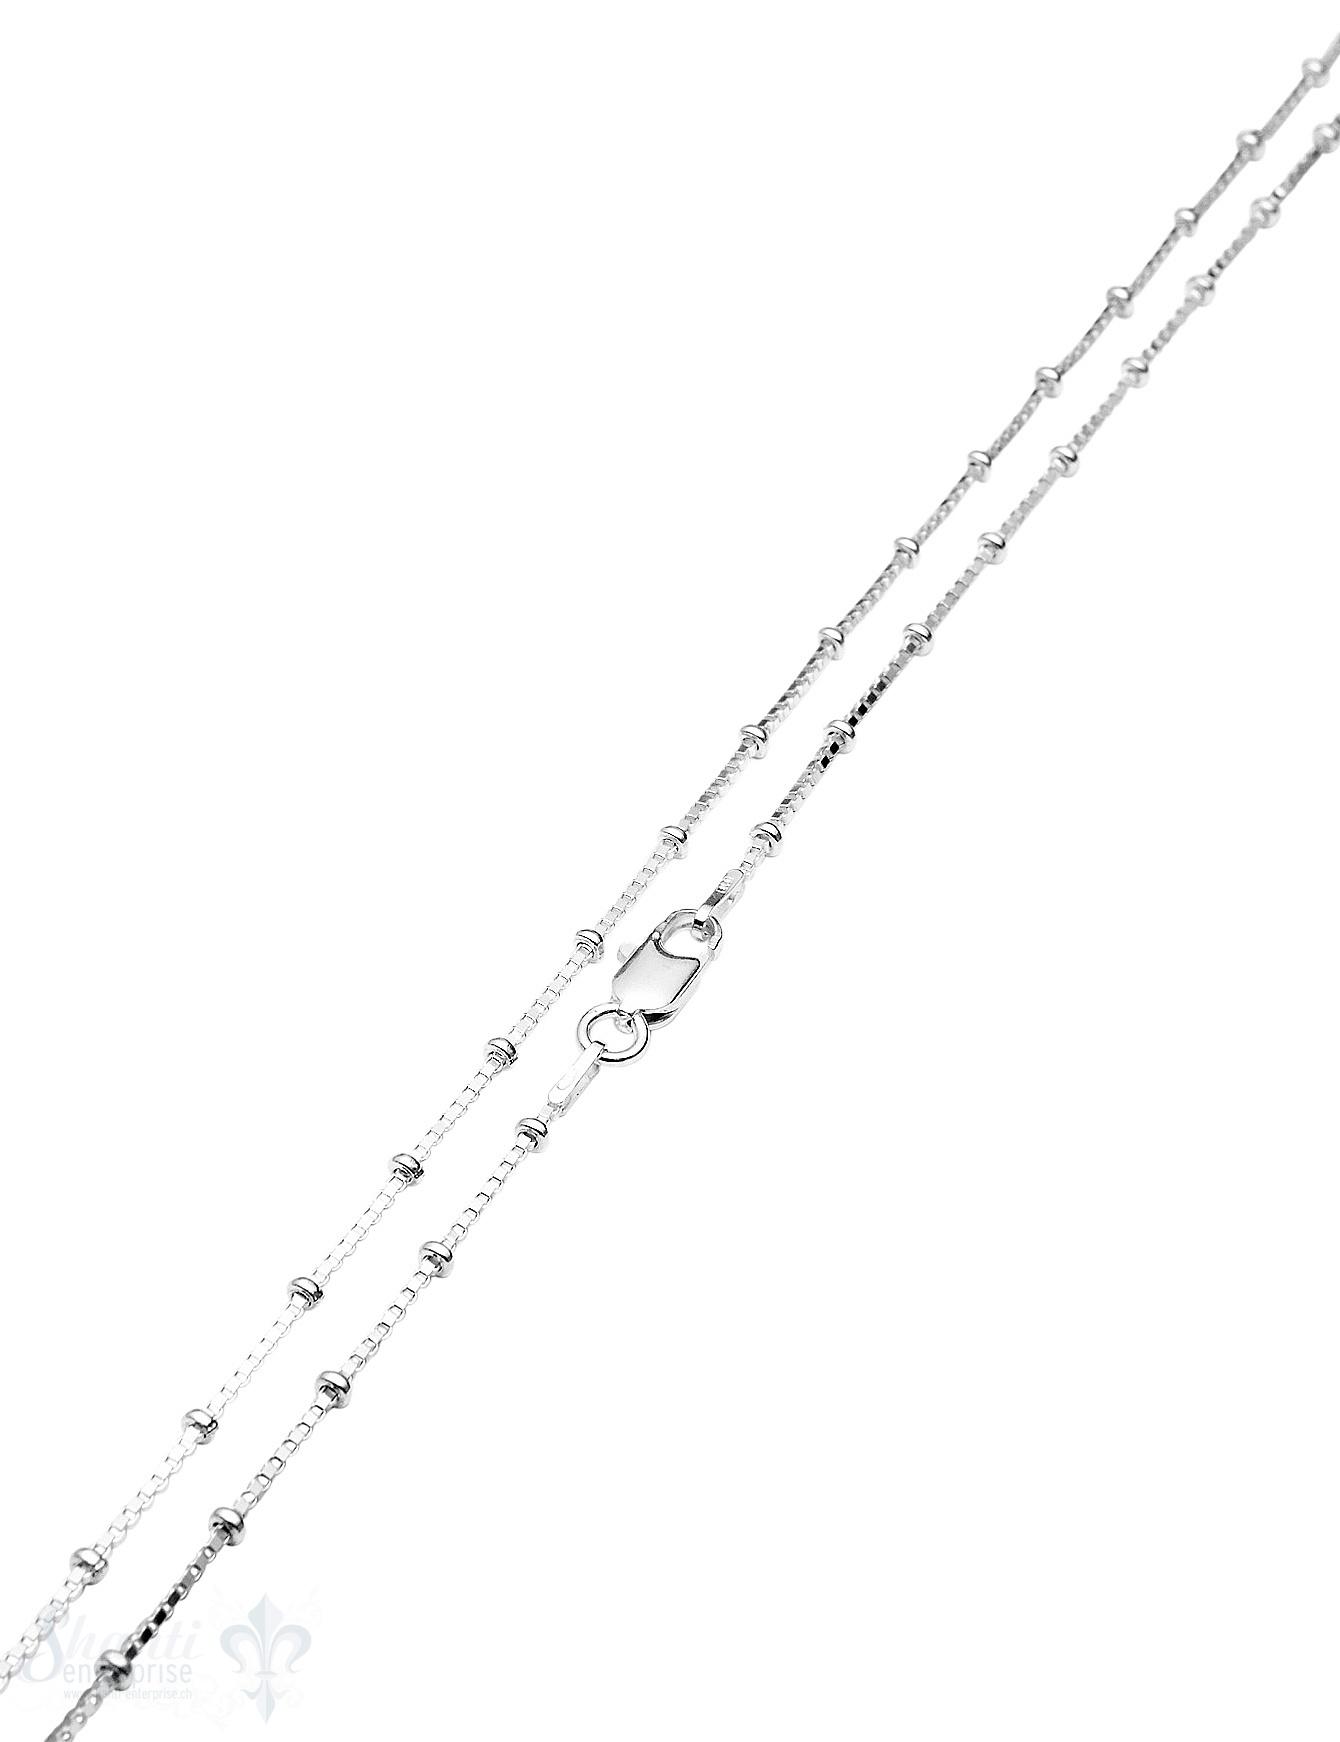 Silberkette Fantasie Venezianer 1,0 mm 38 cm mit